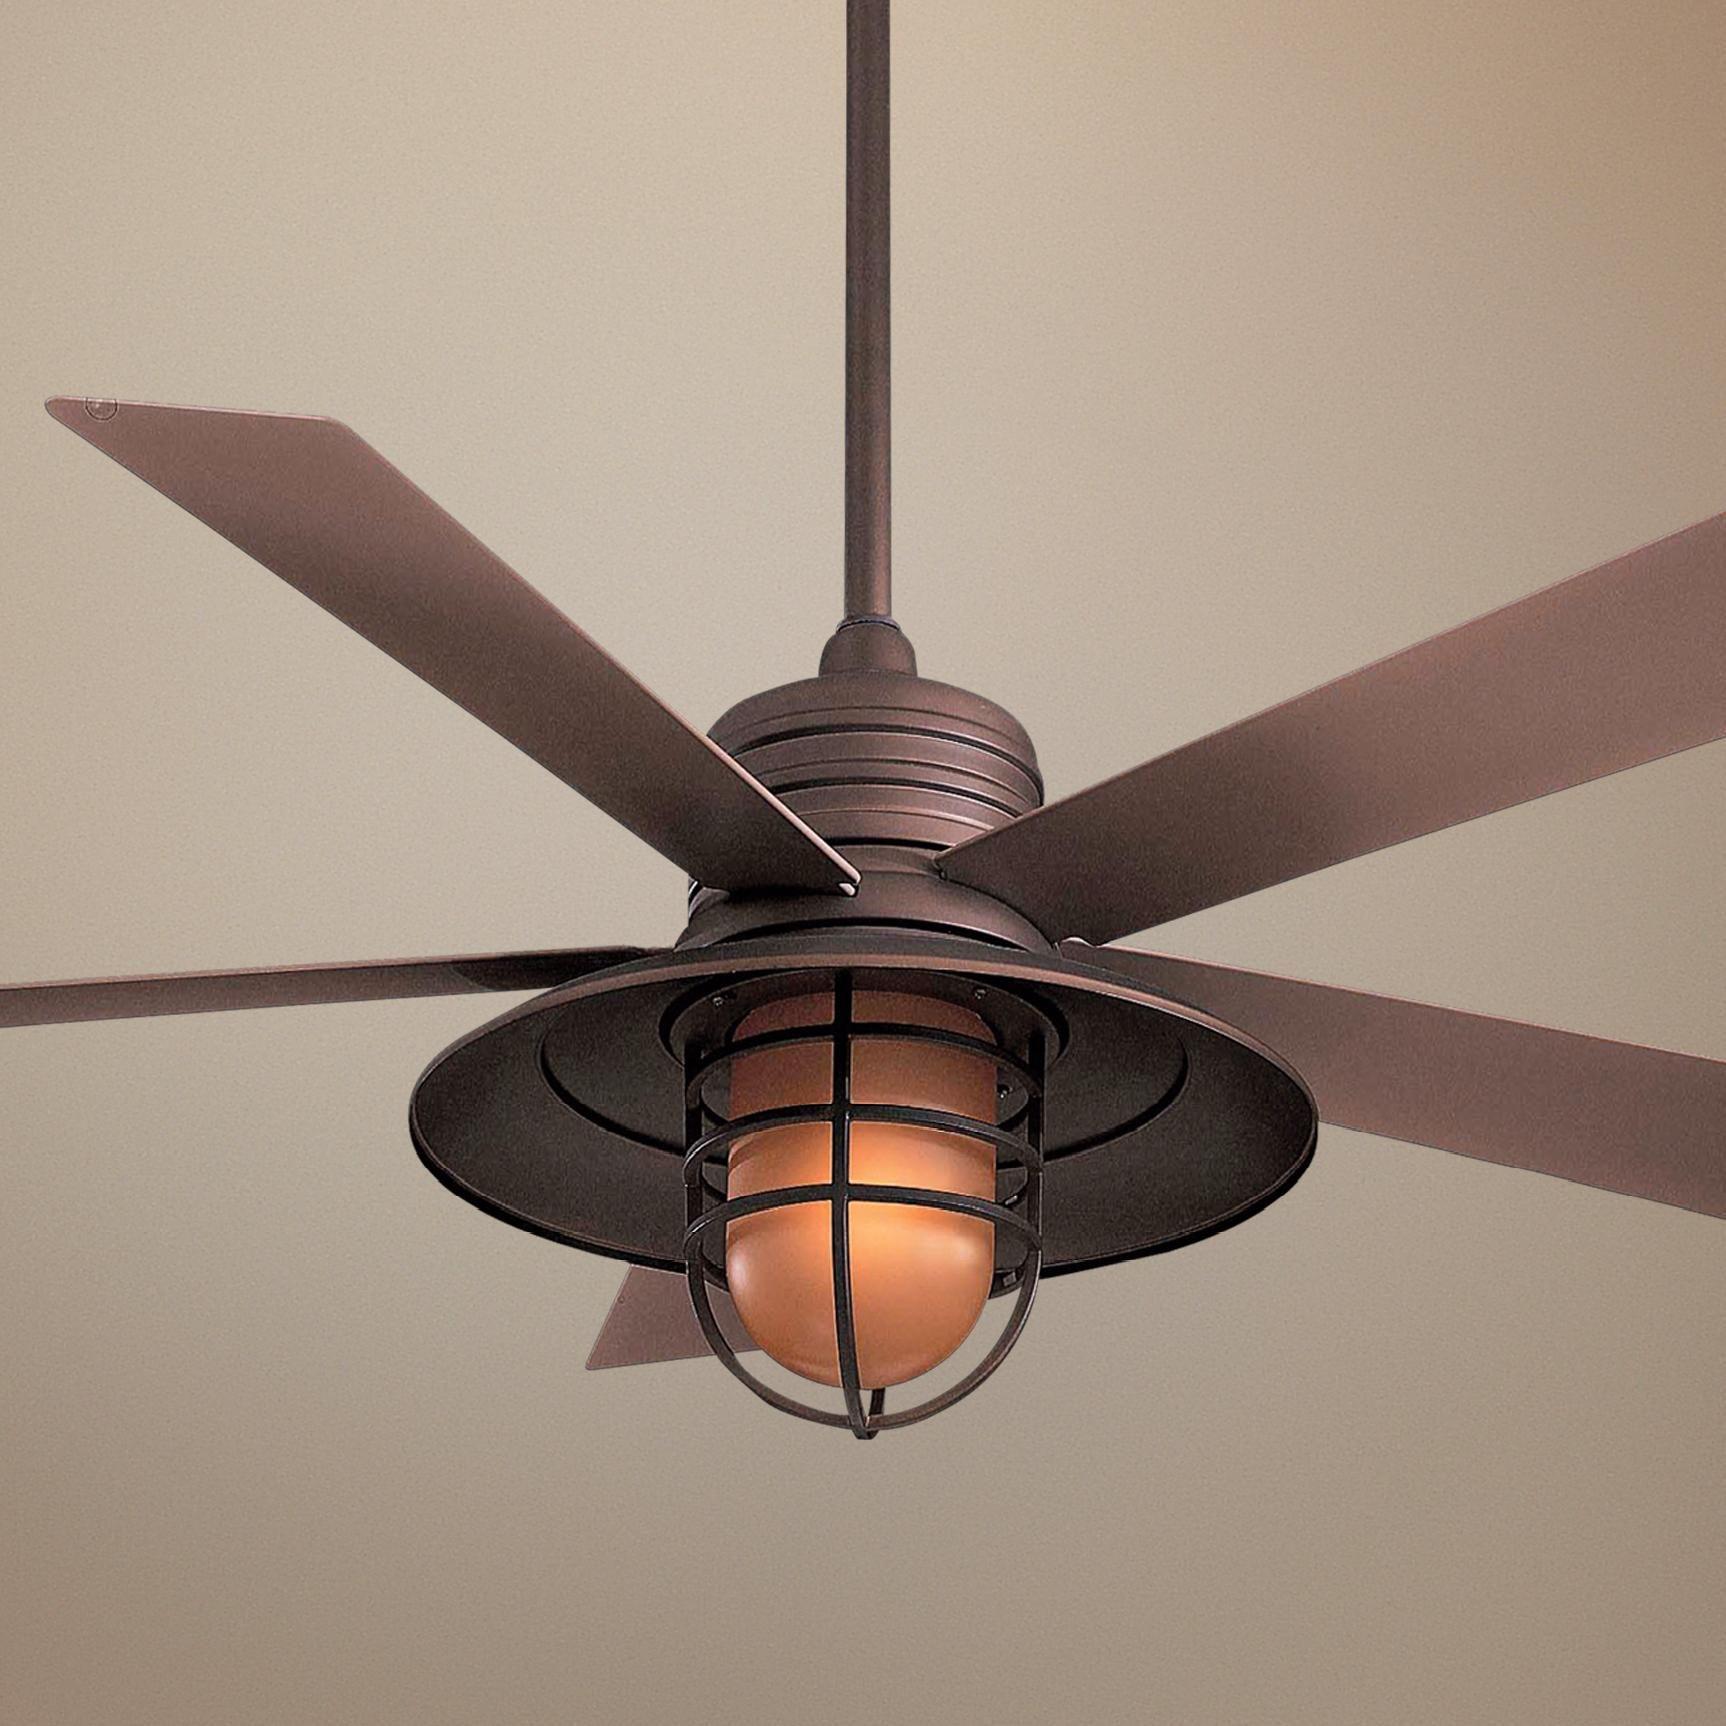 54 Rainman Oil Rubbed Bronze Ceiling Fan 77752 Lamps Plus Vintage Ceiling Fans Bronze Ceiling Fan Ceiling Fan